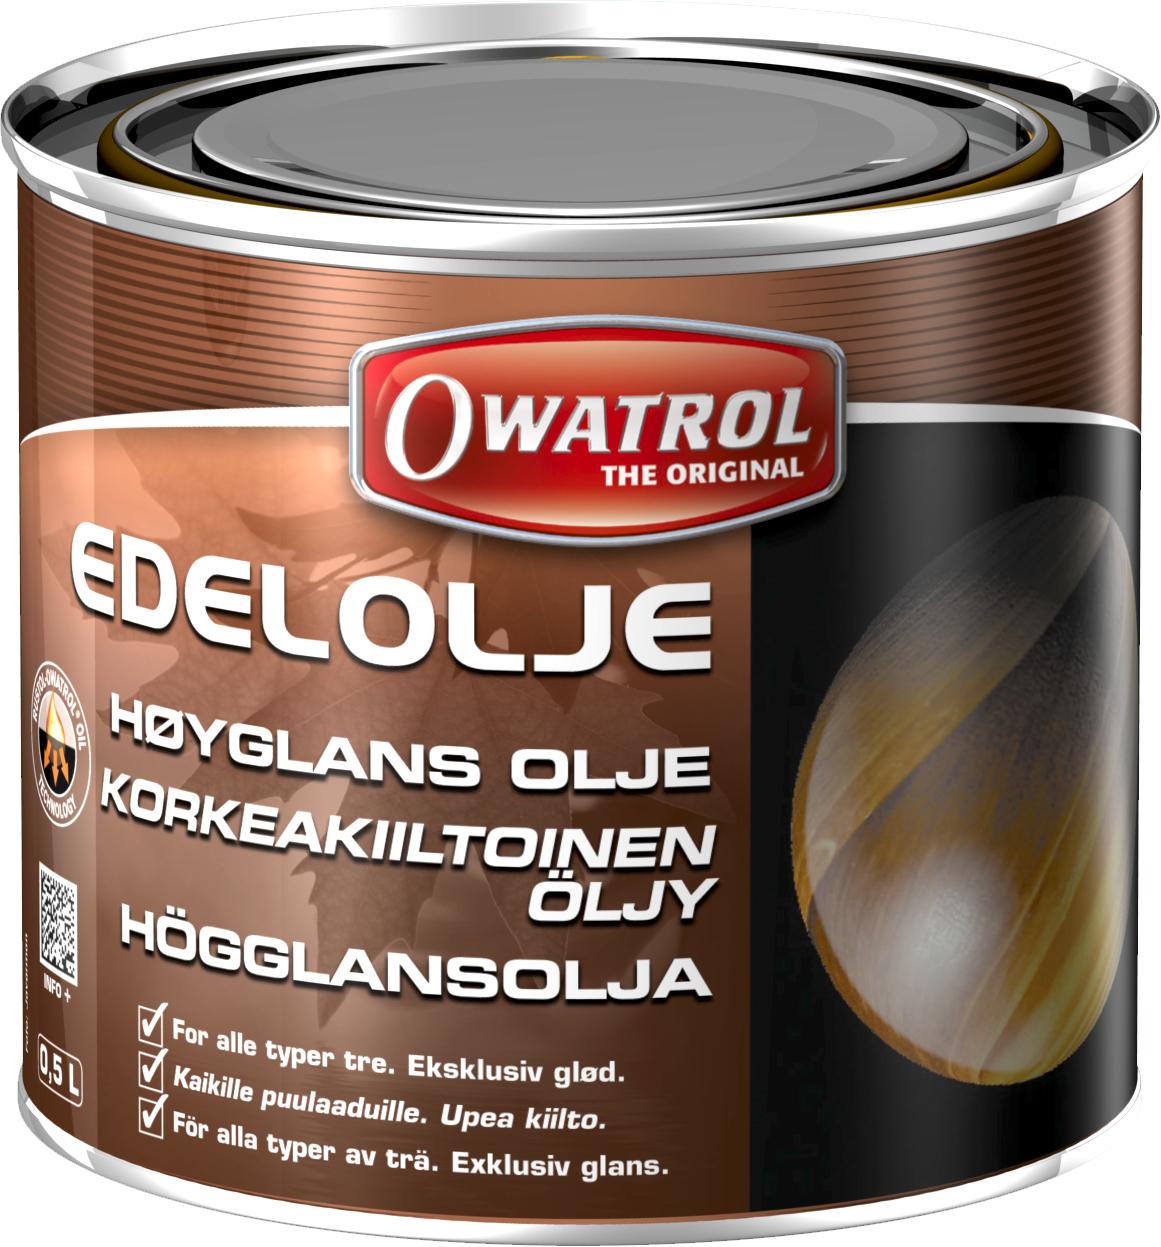 Owatrol ädelolja 05 l